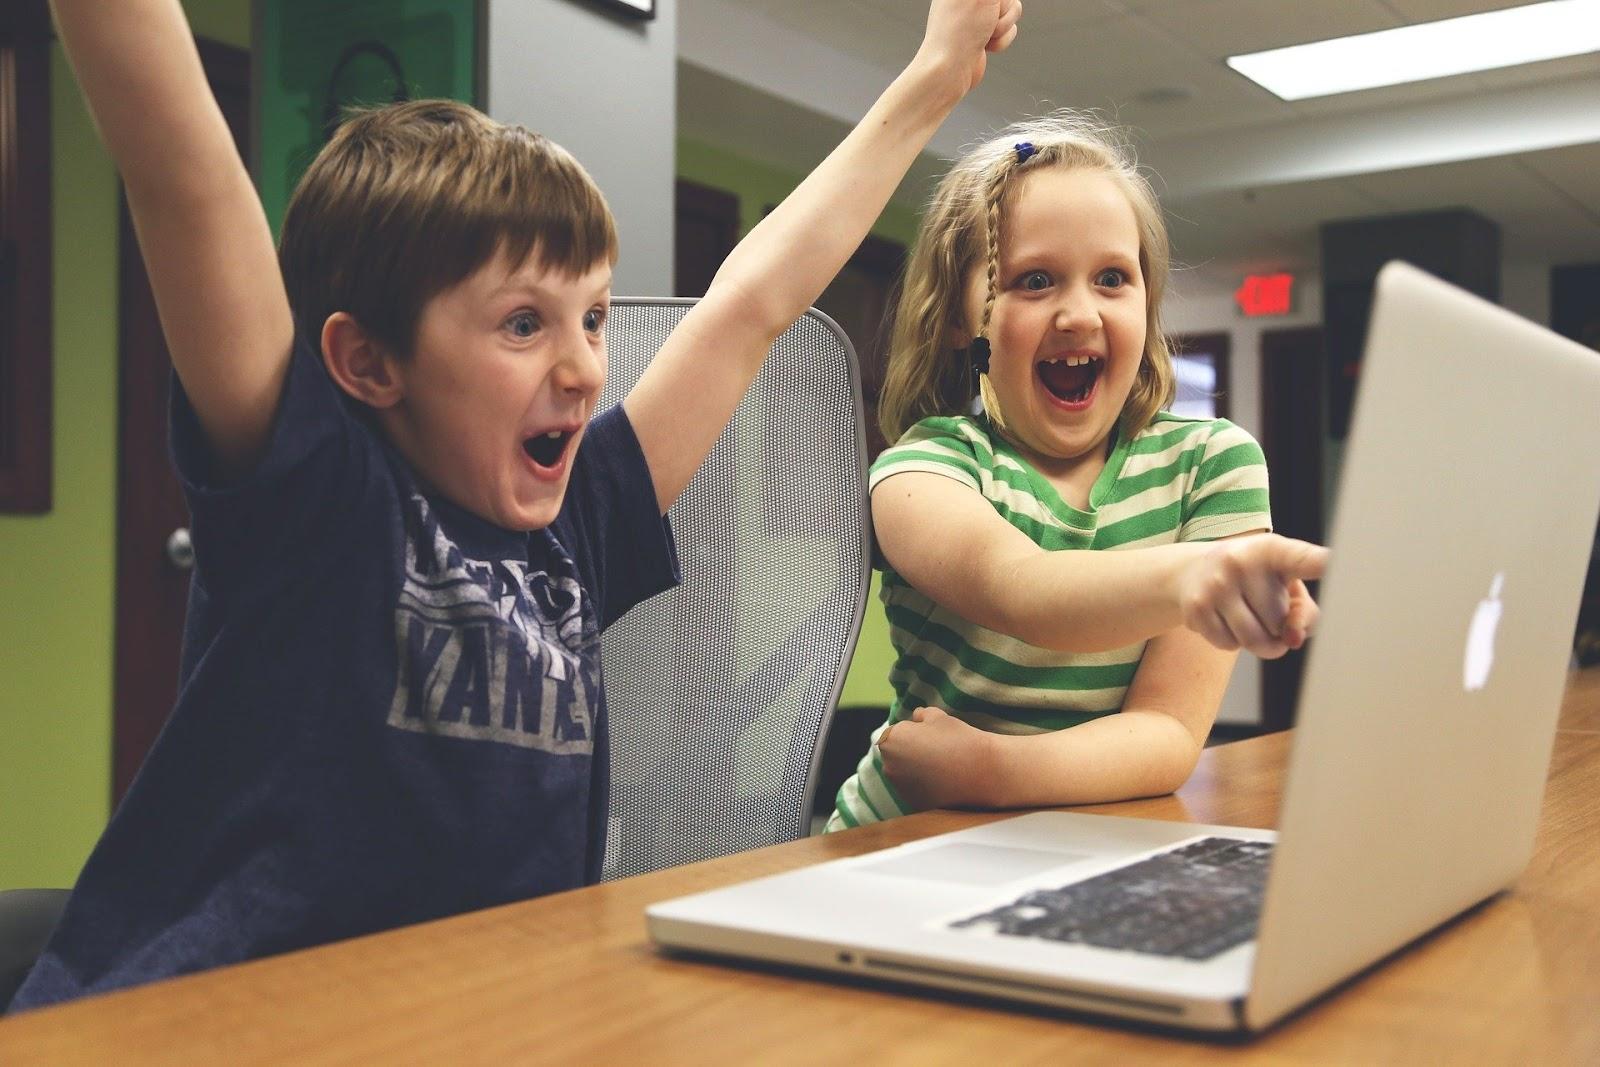 Эксперимент с онлайн-образованием. Версия 2020